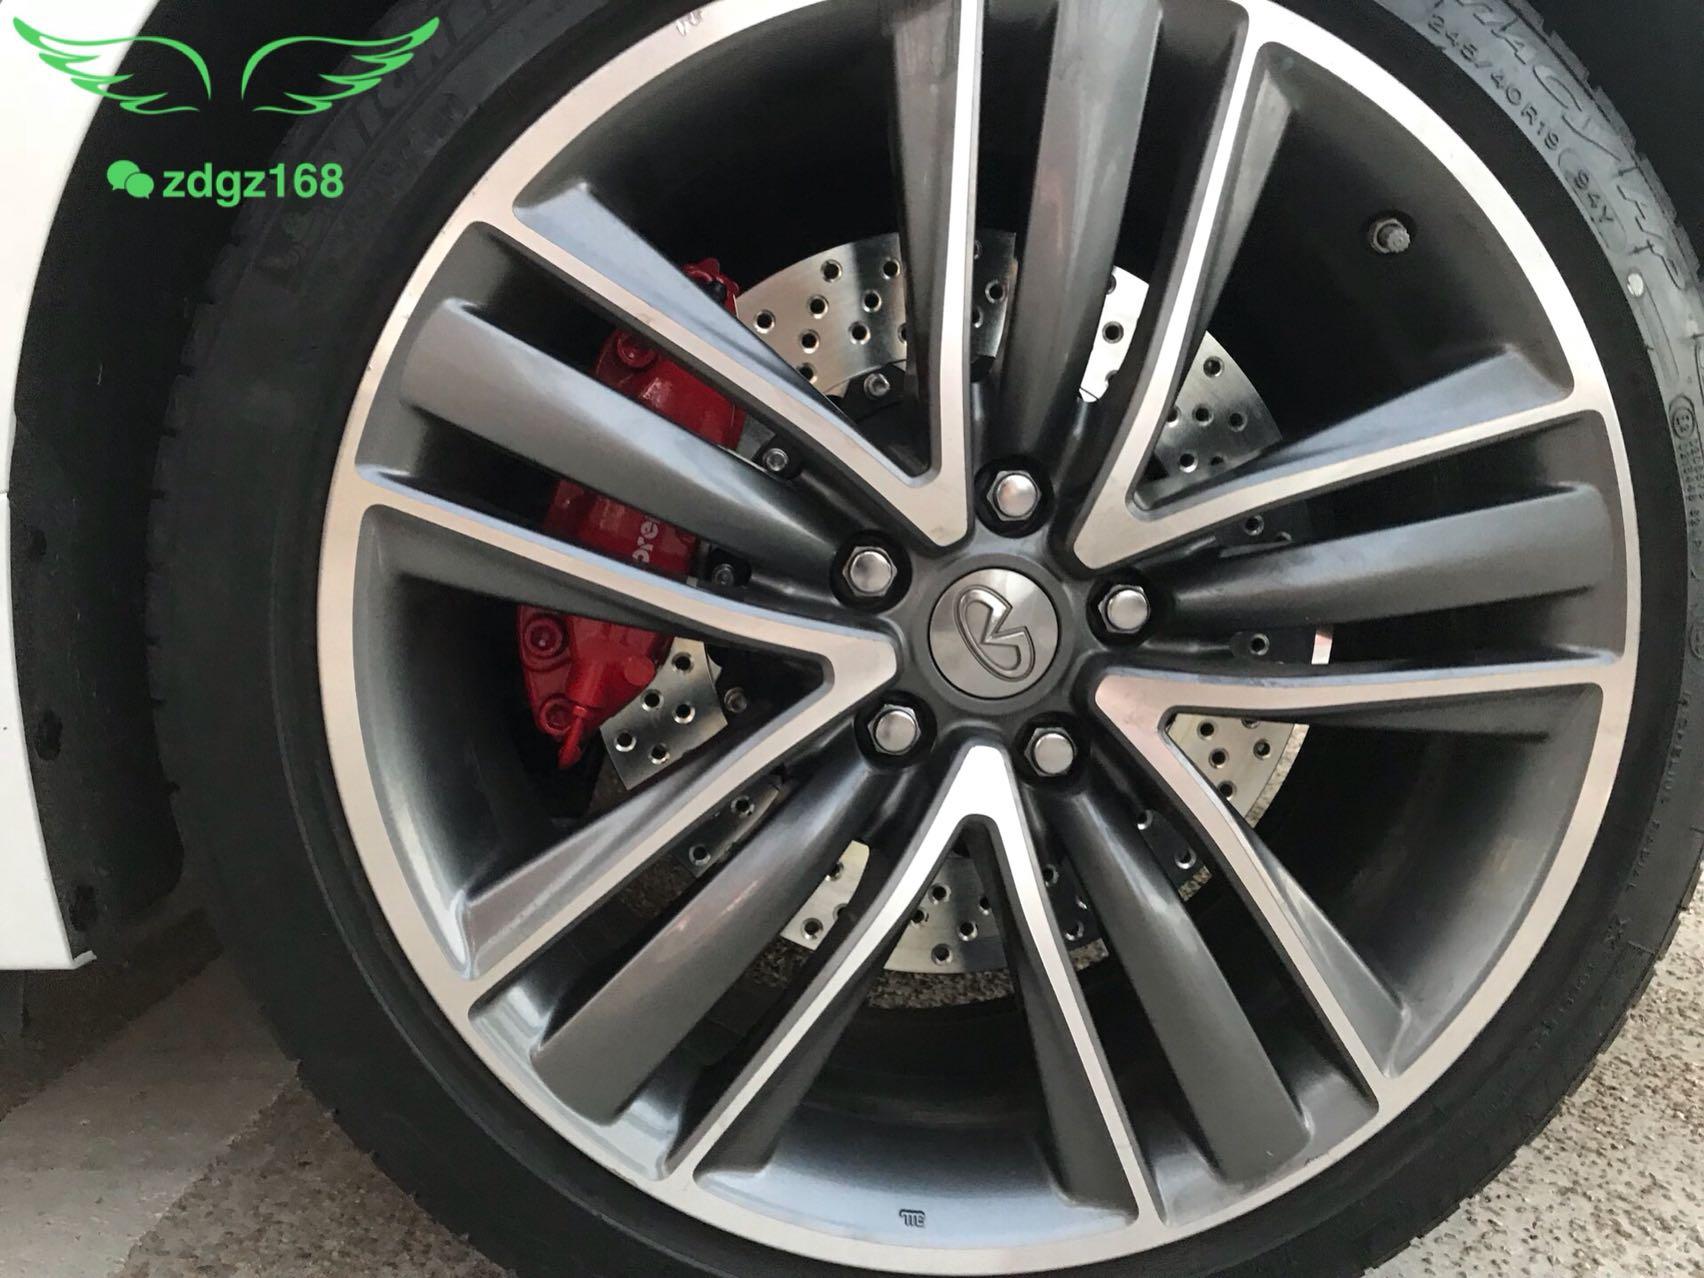 英菲尼迪Q50刹车改装升级意大利??brembo 前六后四套装,完美安装!